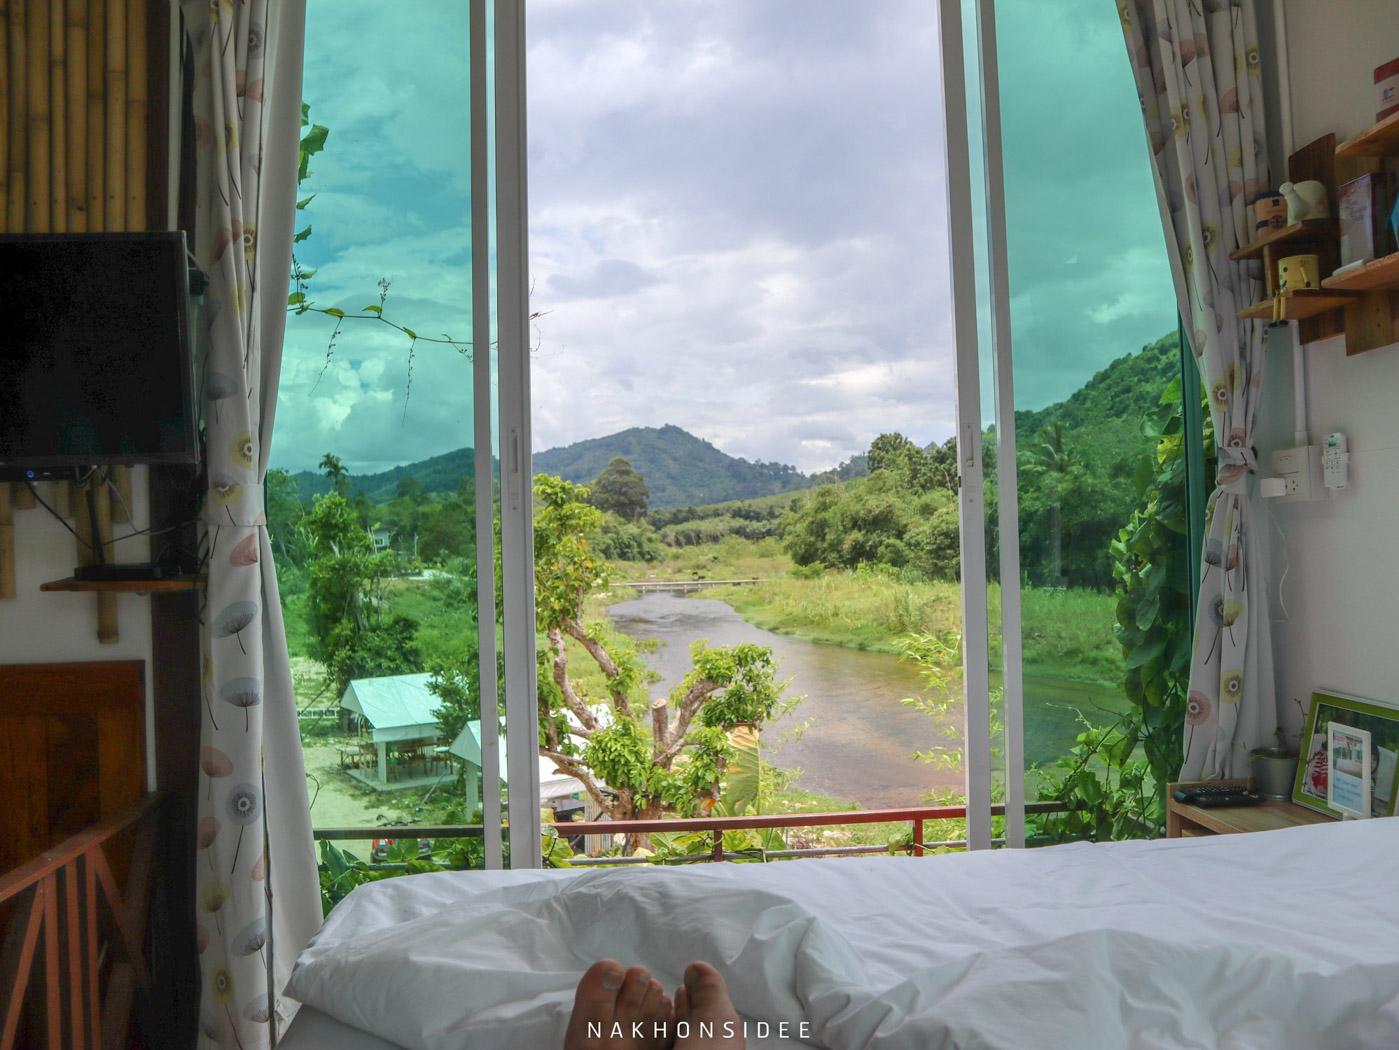 ที่พัก,ลานสกา,นครศรีธรรมราช,โรงแรม,รีสอร์ท,ริมลำธาร,หมูกะทะ